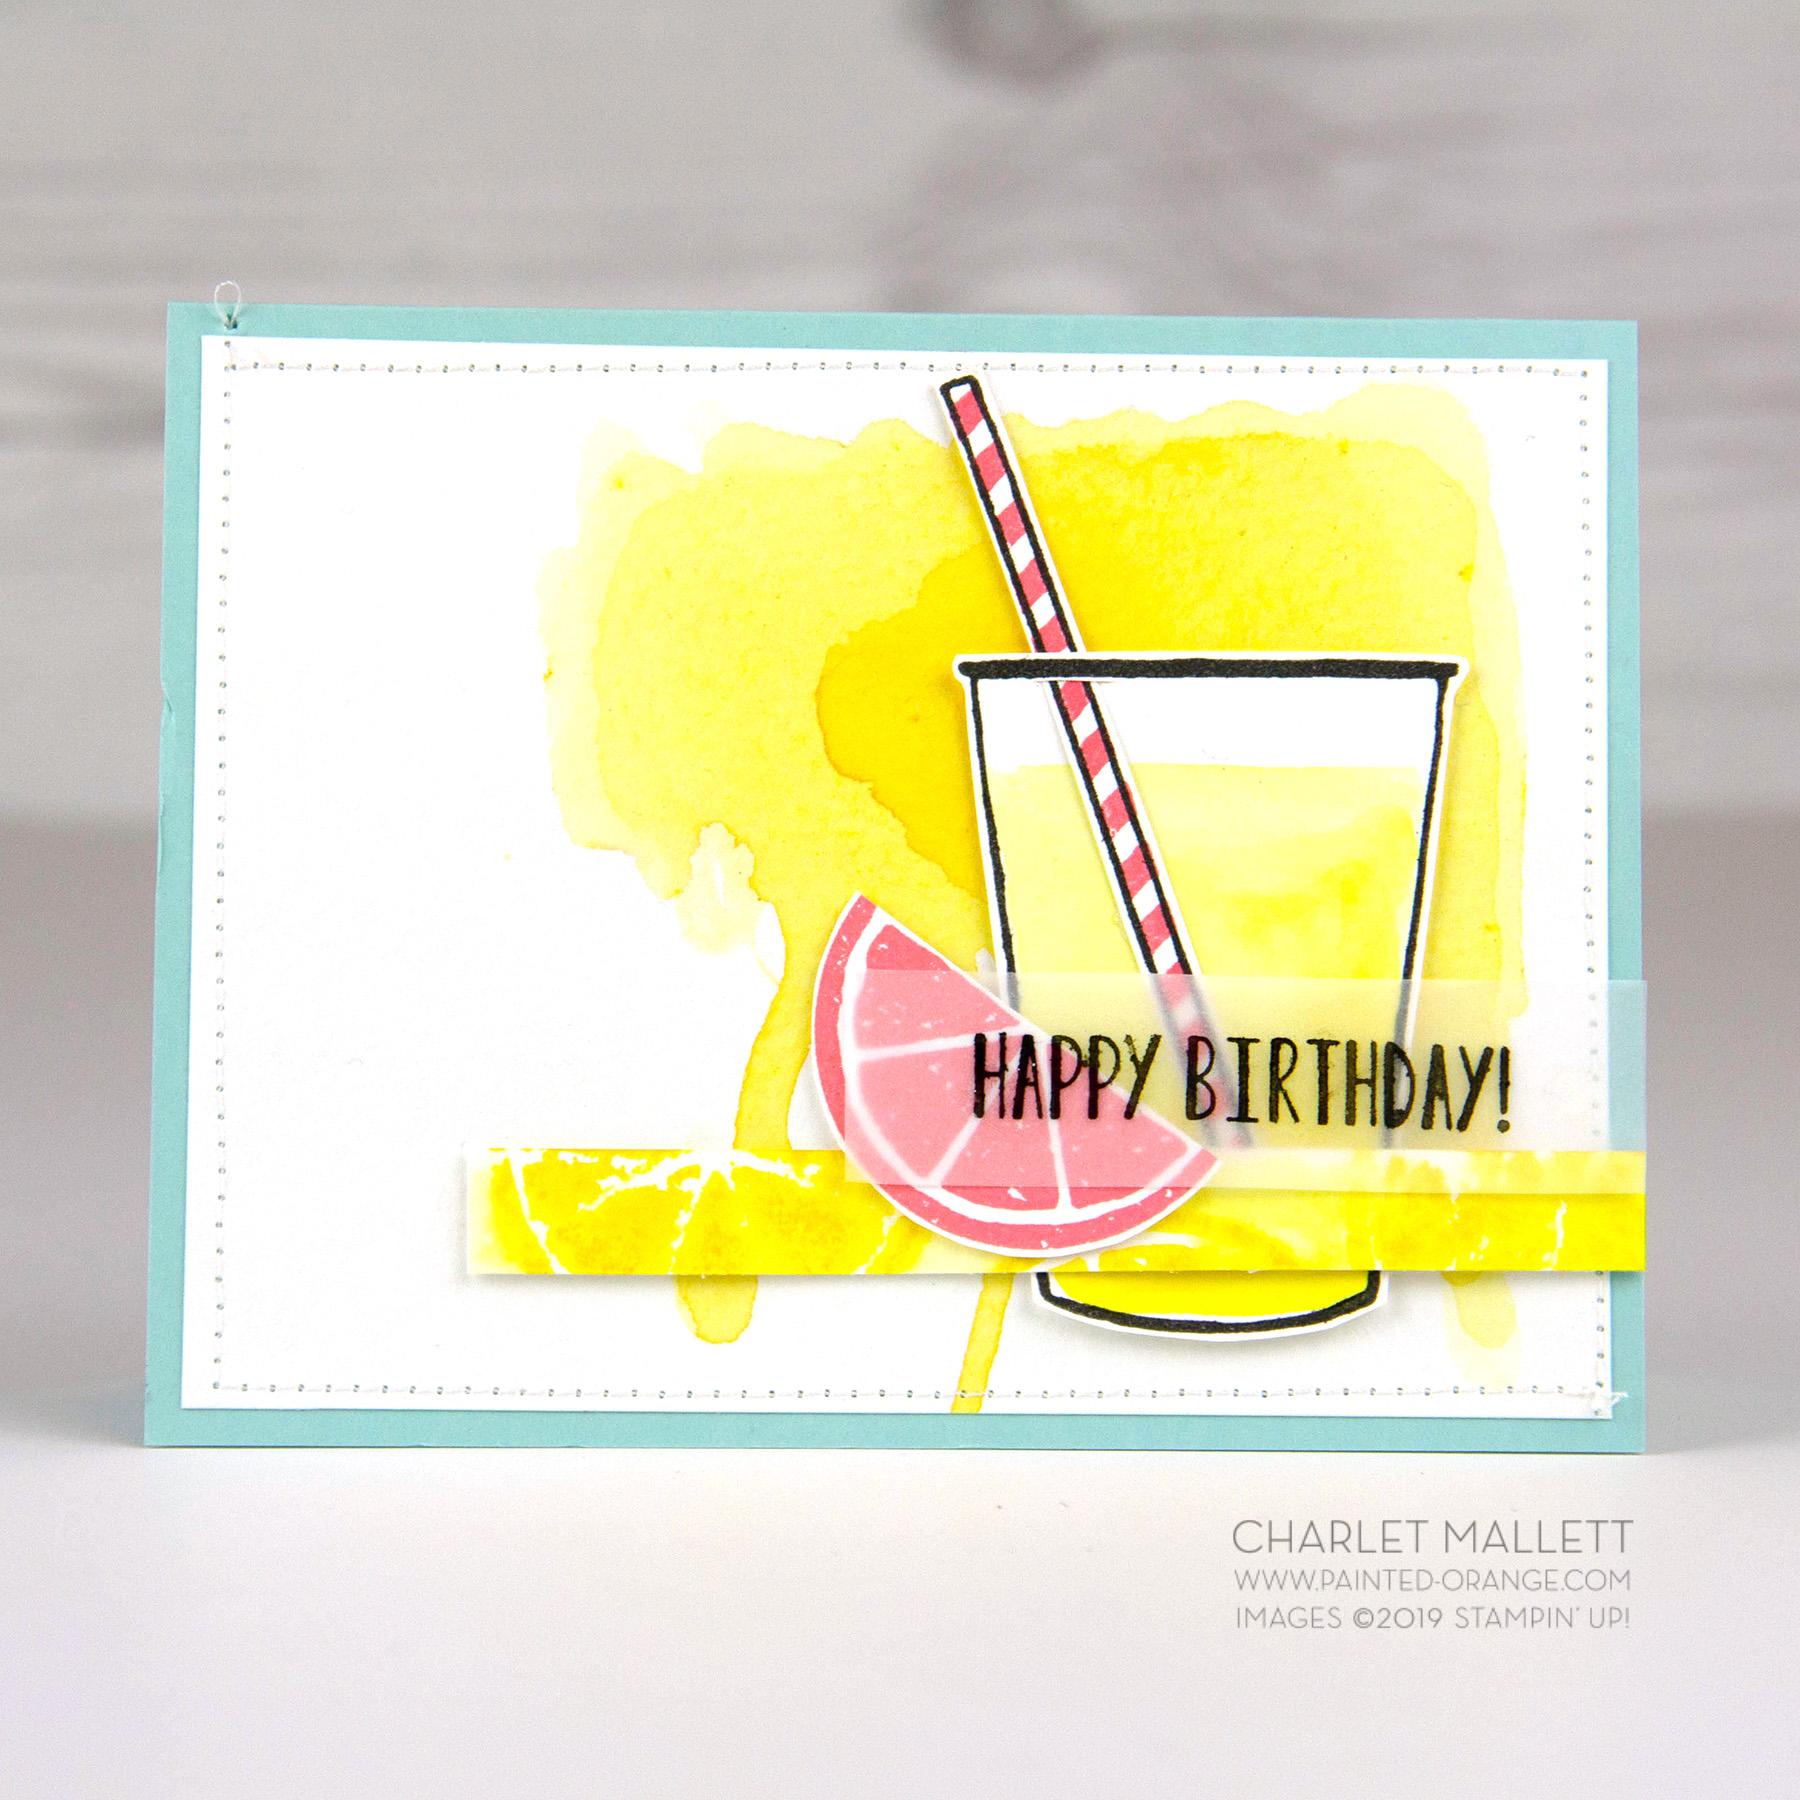 Lemon Zest Lemonade Birthday Card, Charlet Mallett